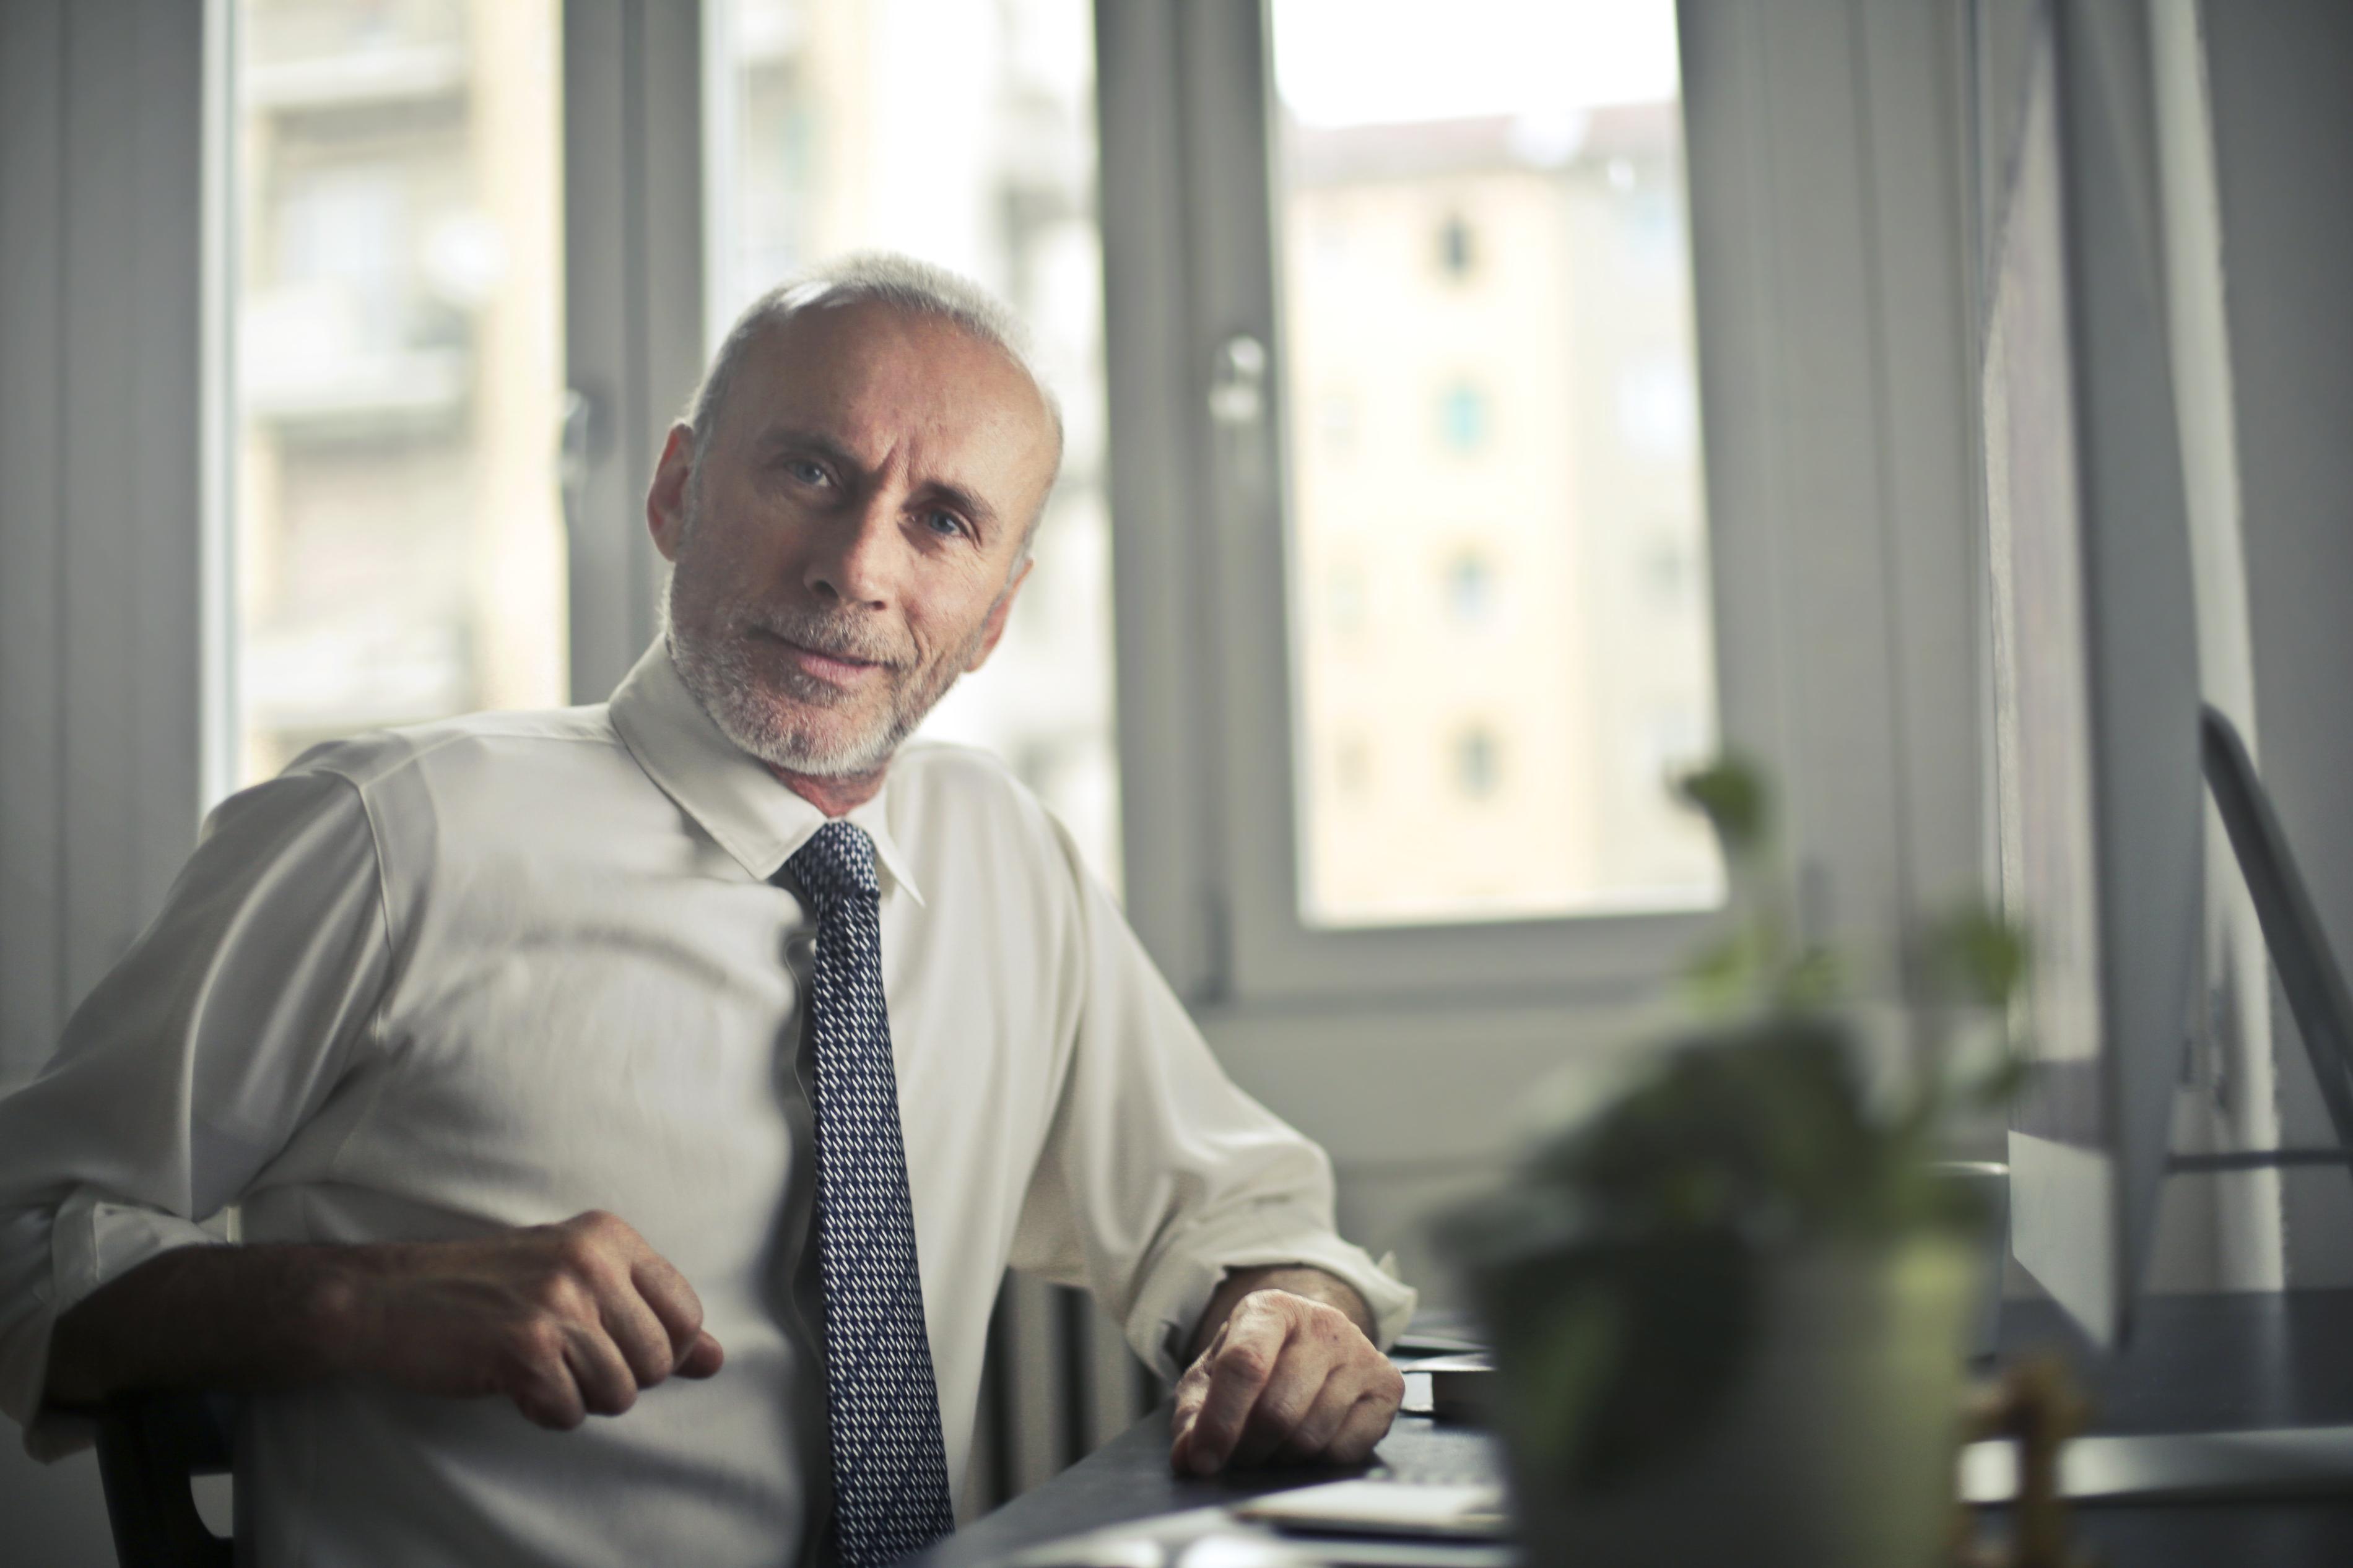 prestito pensionistico approfondimento avvocatoflash